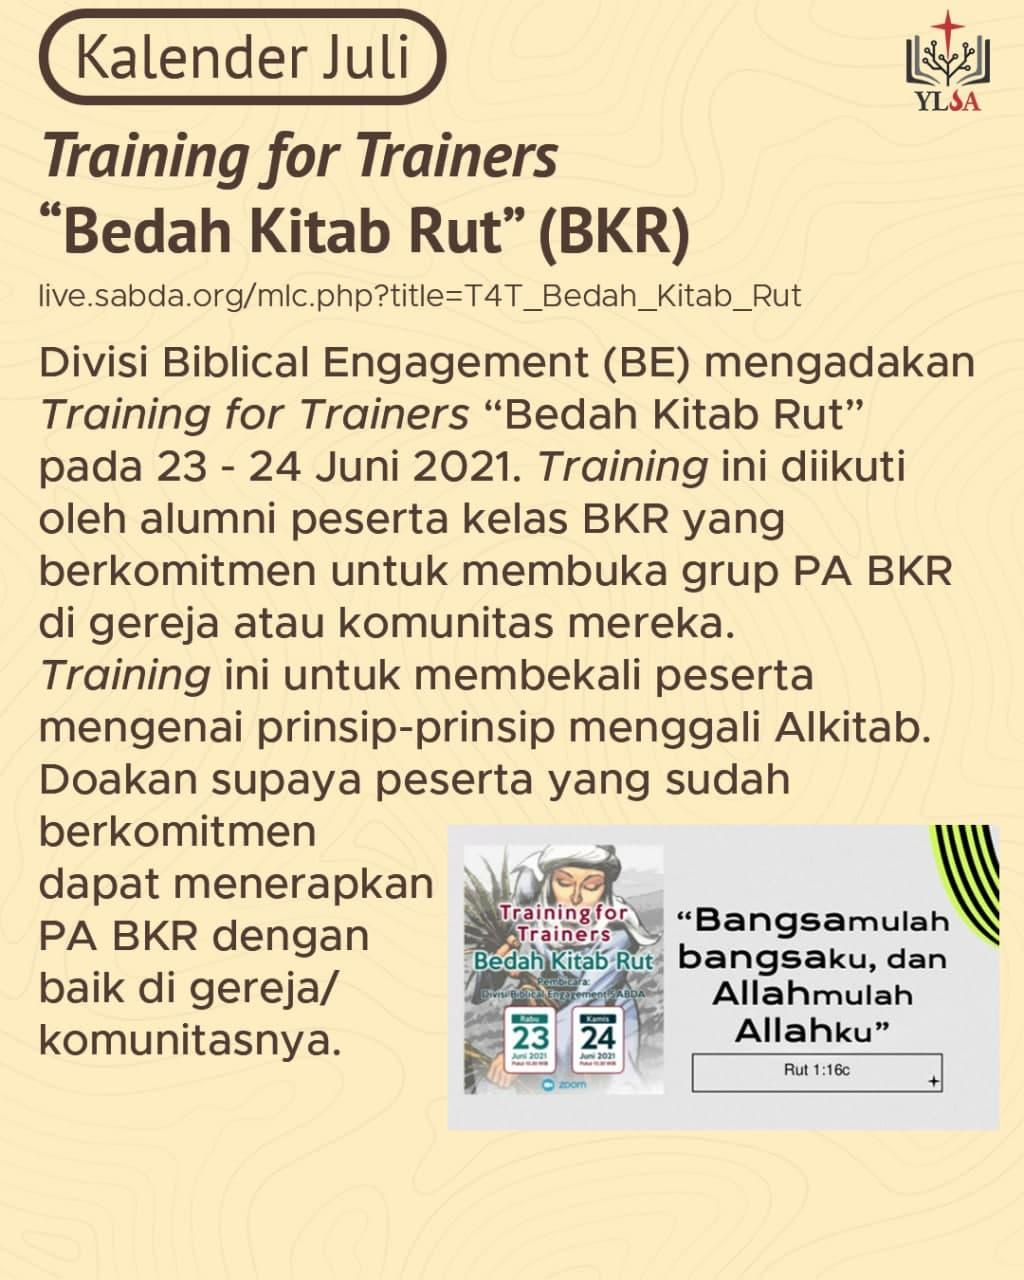 Divisi Bible Engagement (BE) mengadakan Training for Trainers 'Bedah Kitab Rut' pada 23 - 24 Juni 2021.